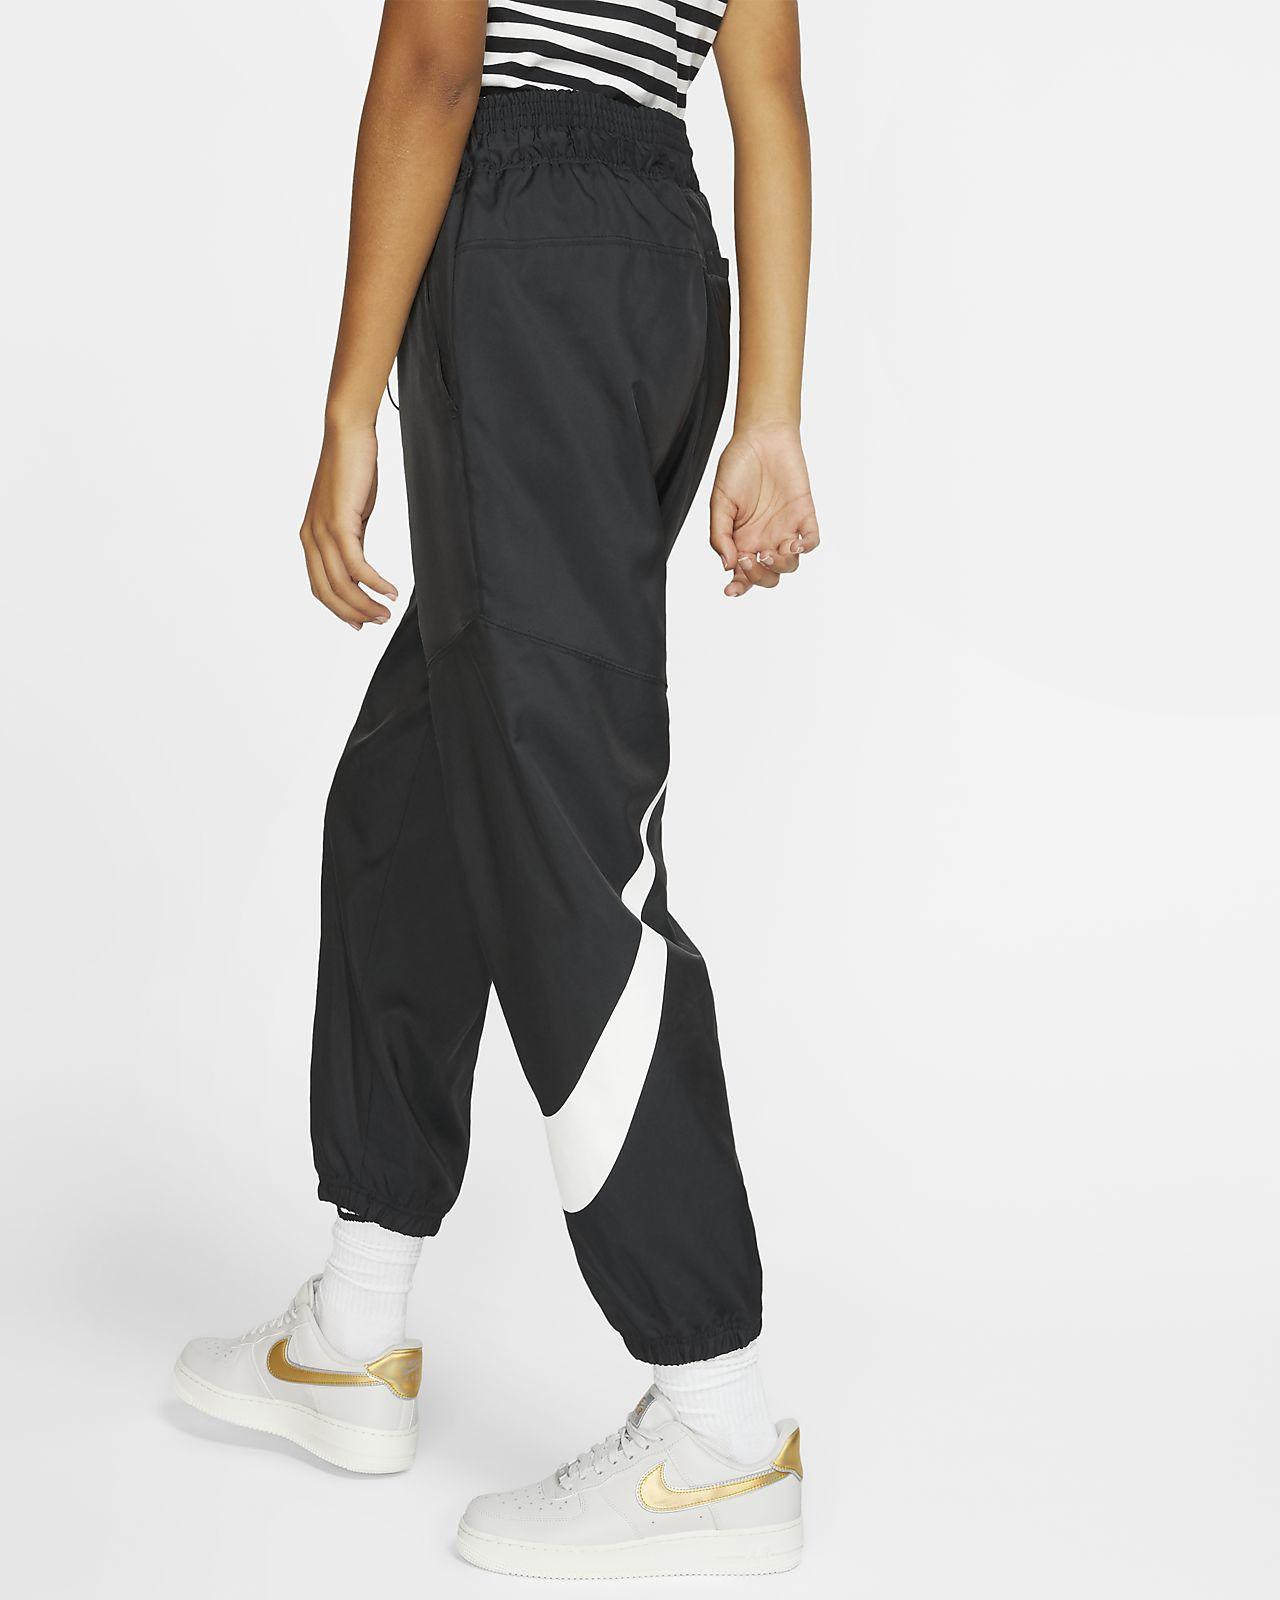 86e35d7af Low Resolution Nike Sportswear Swoosh Woven Pants Nike Sportswear Swoosh  Woven Pants